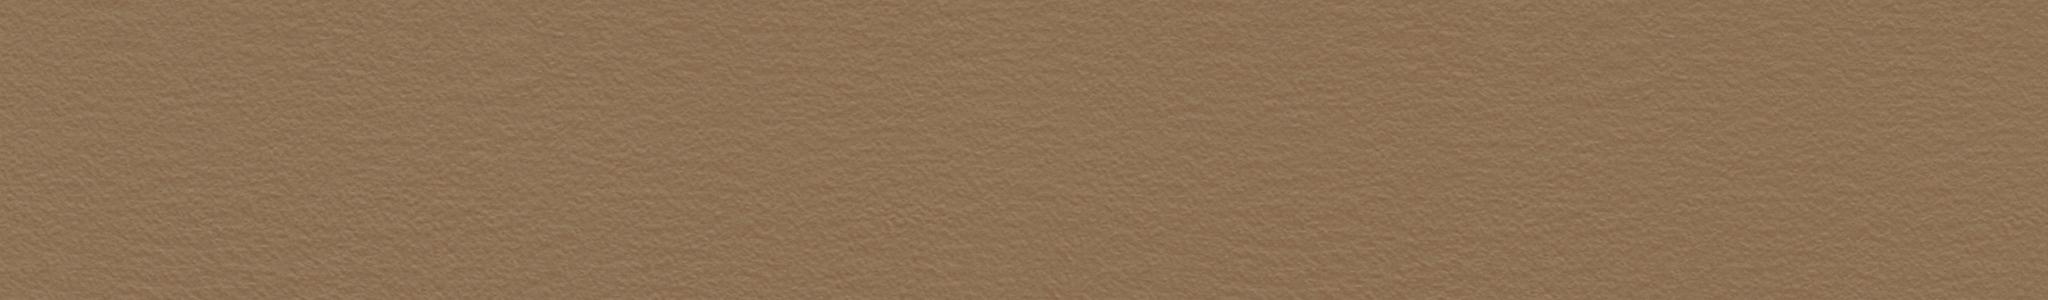 HU 181989 кромка ABS коричневая жемчуг тонкая структура 107